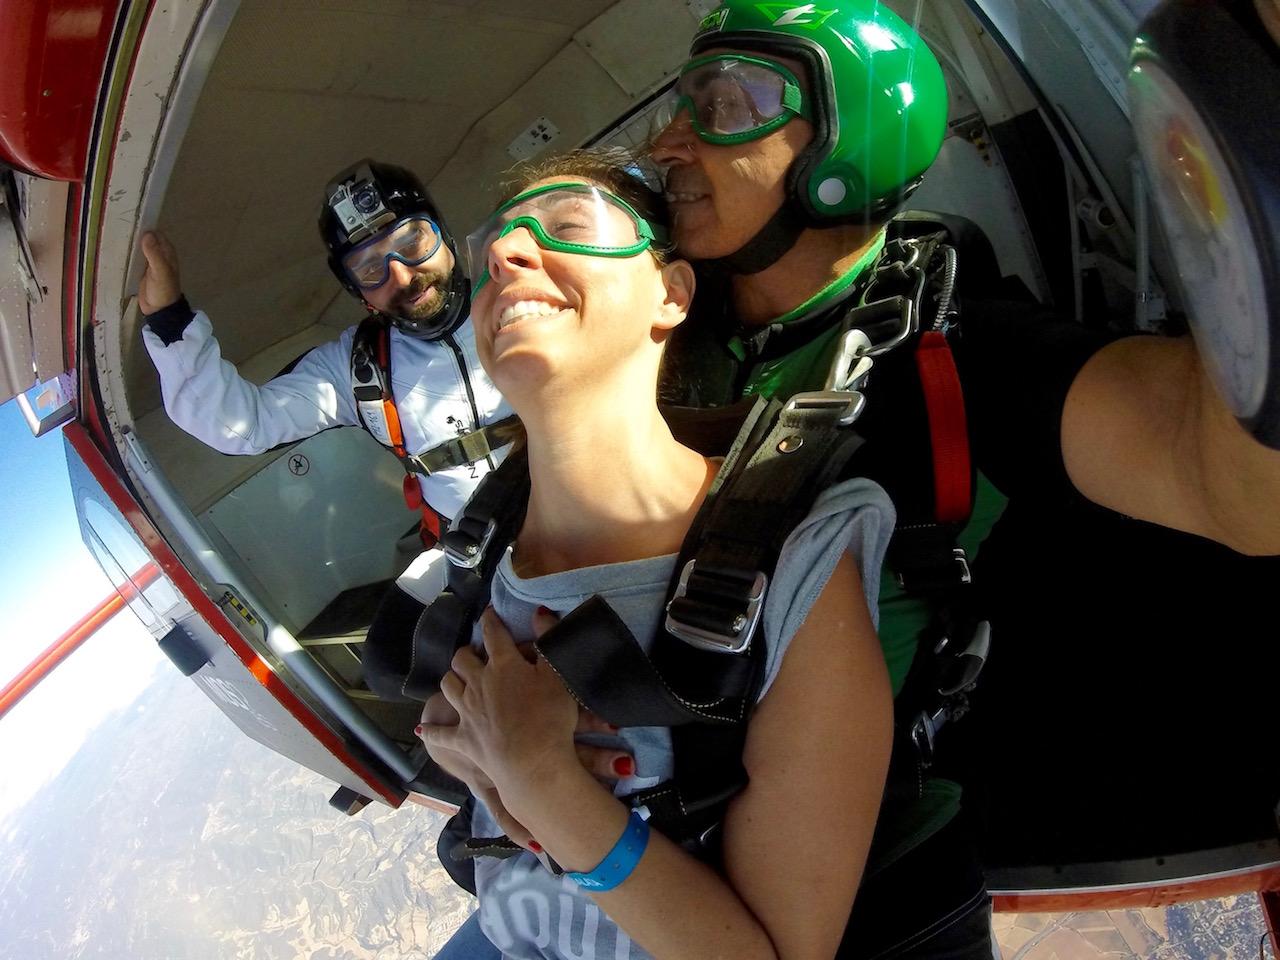 Saltamos - SkyDiveBCN 2016